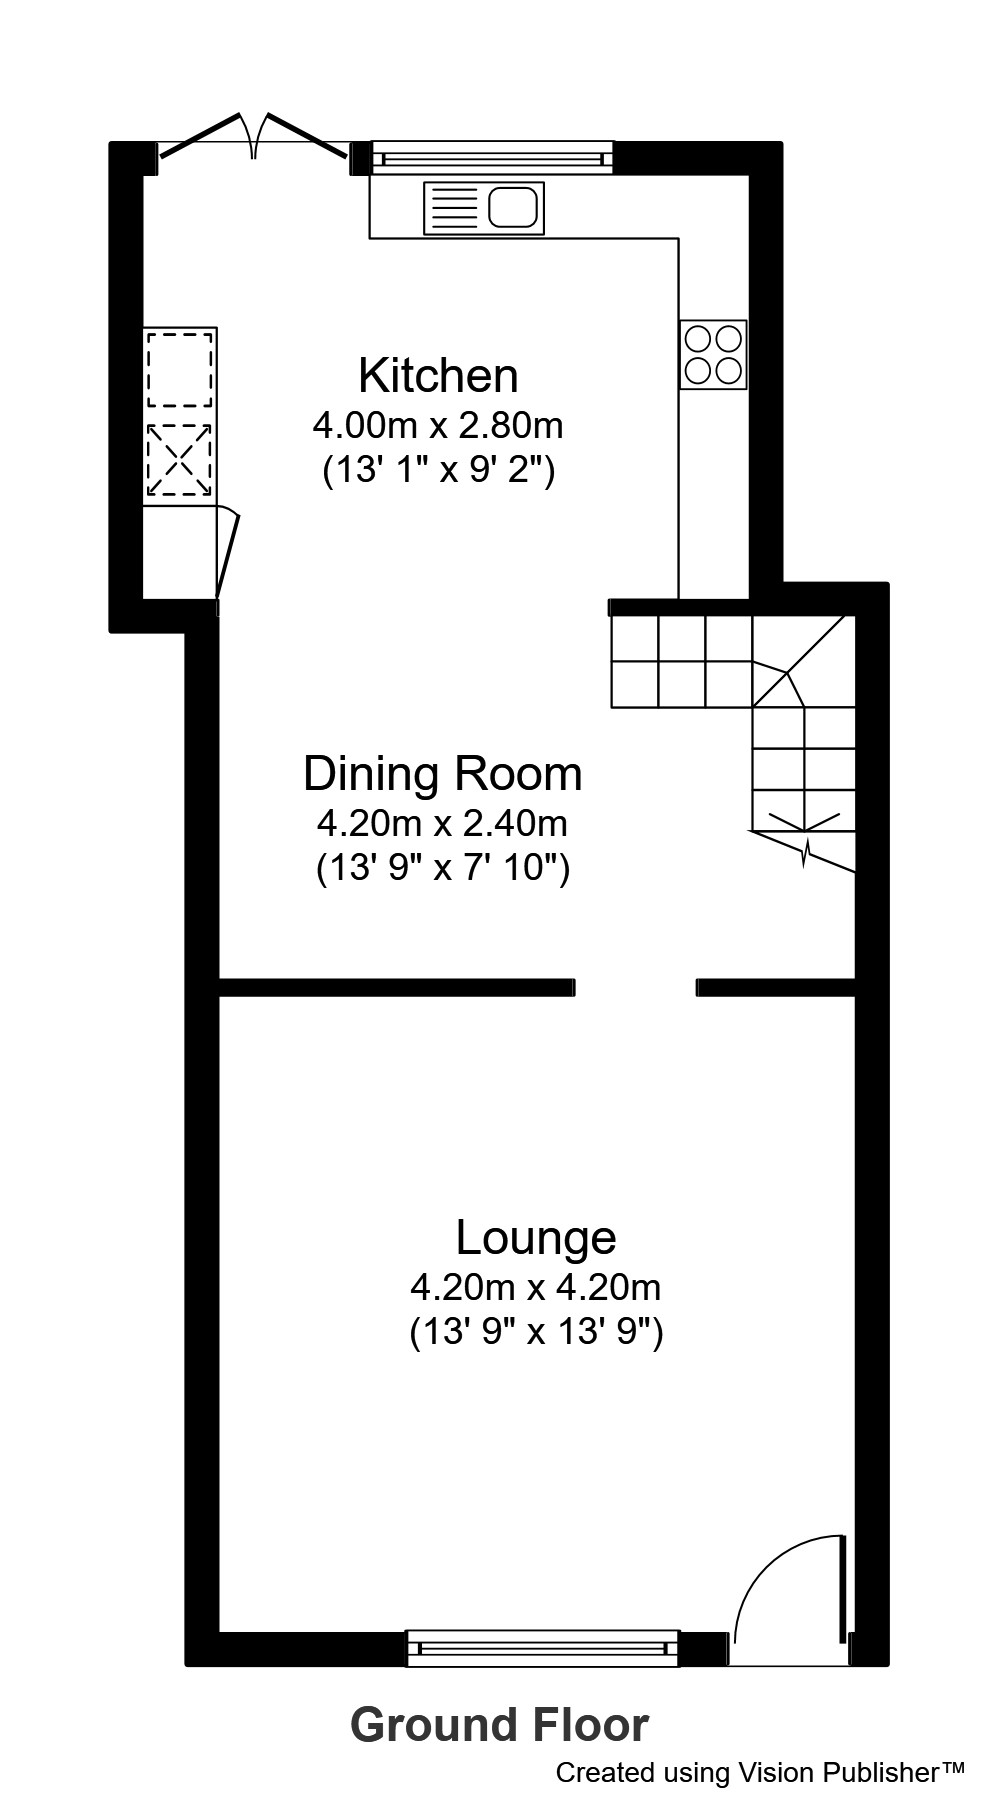 48 pennington ground floor Floor Plans (Auto Sized)(1)